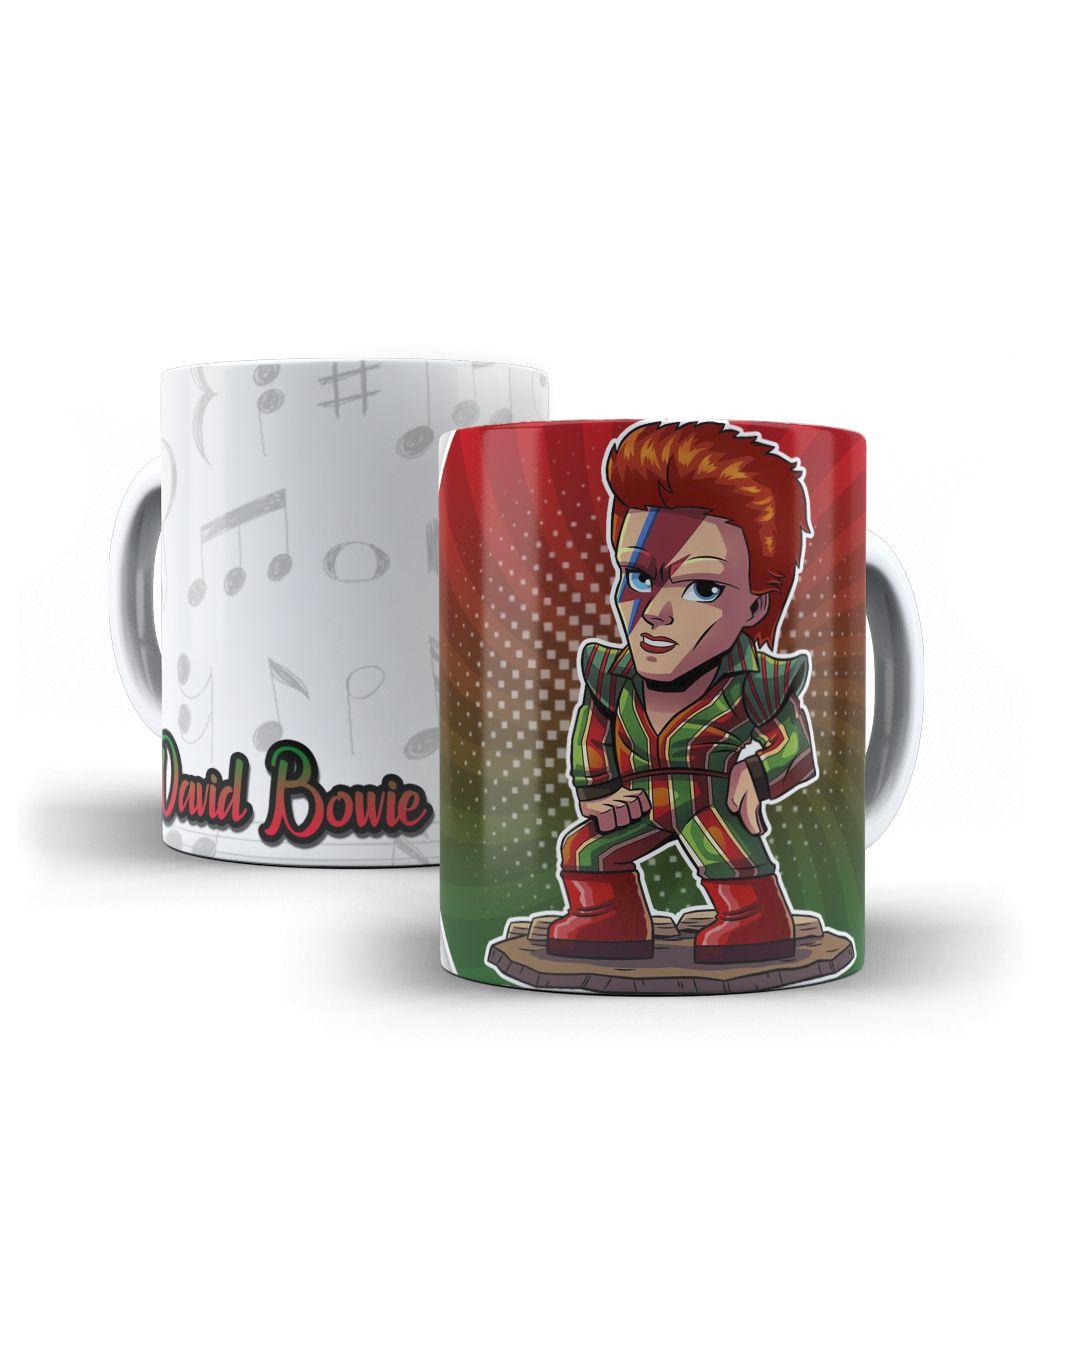 Taza David Bowie (196)